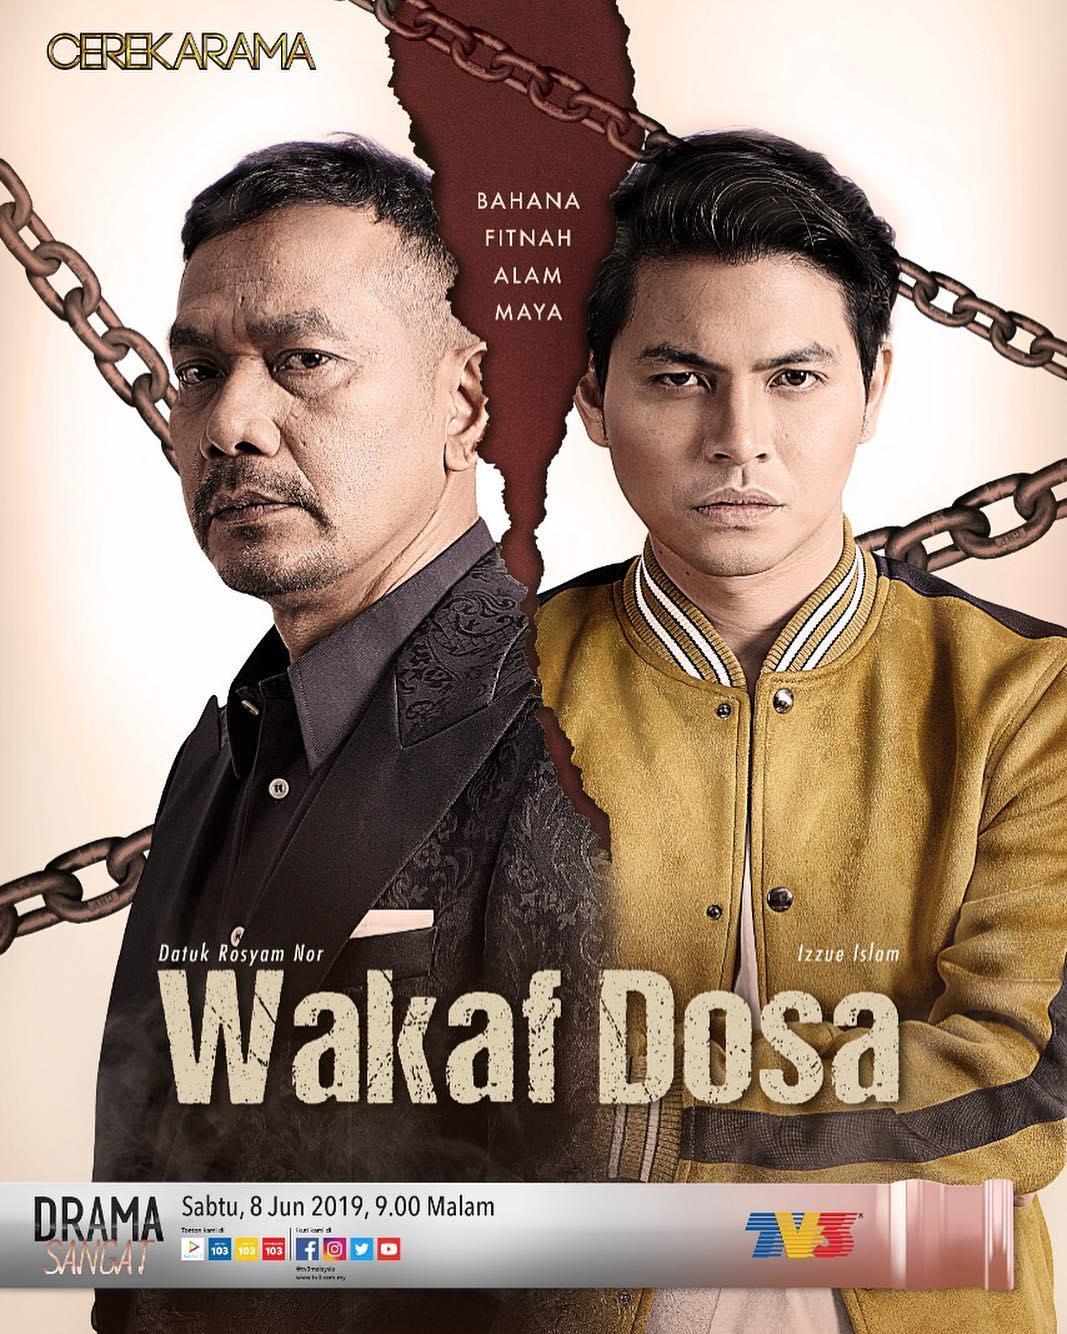 Wakaf Dosa